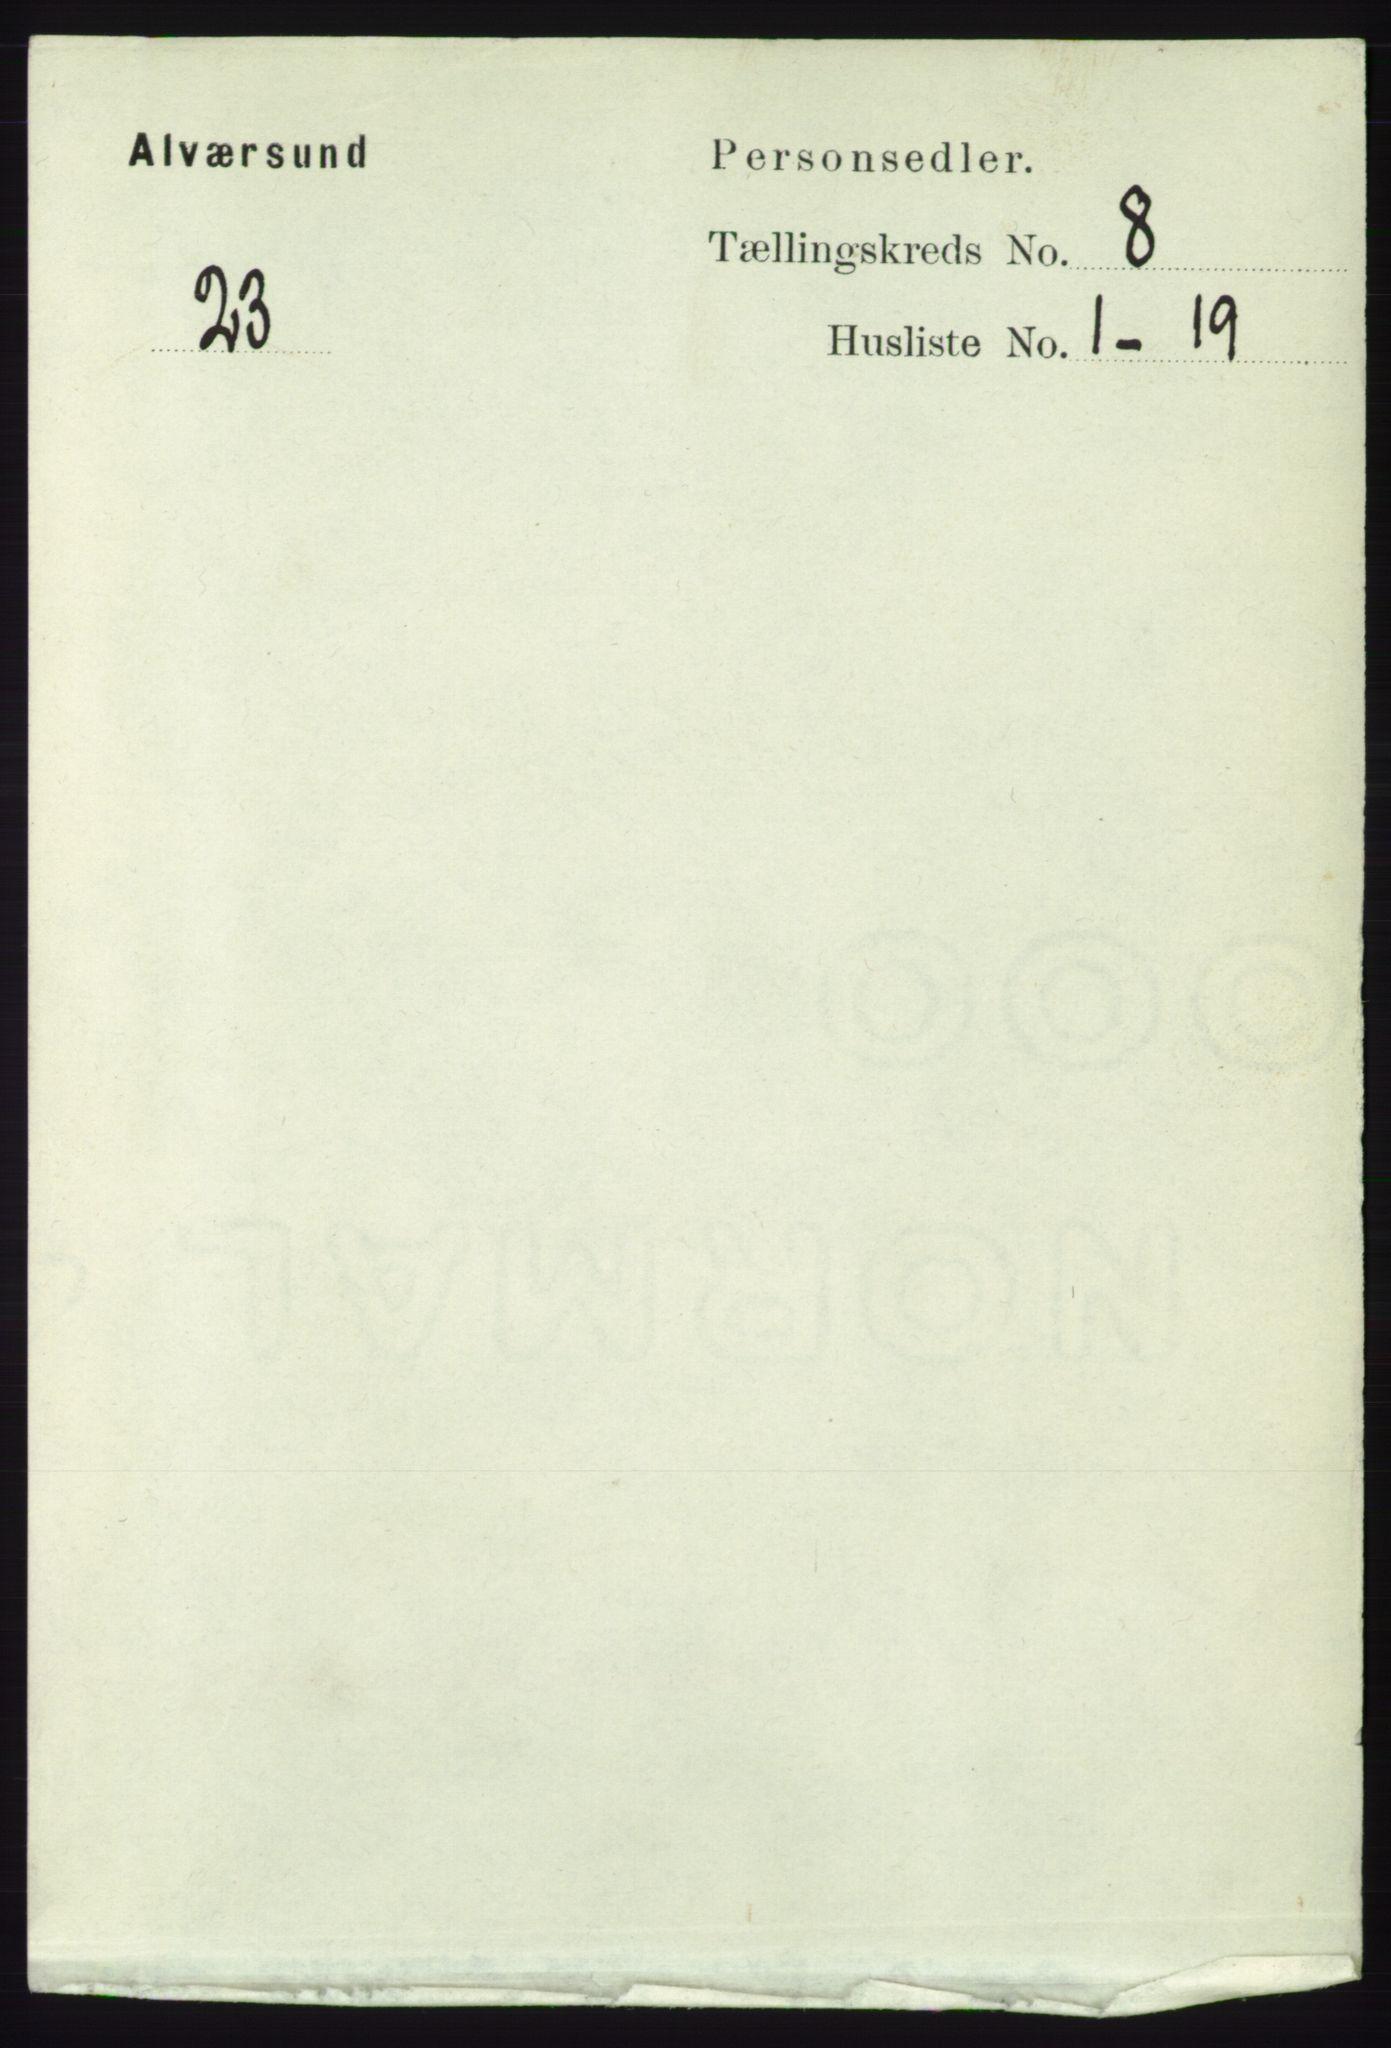 RA, Folketelling 1891 for 1257 Alversund herred, 1891, s. 2768